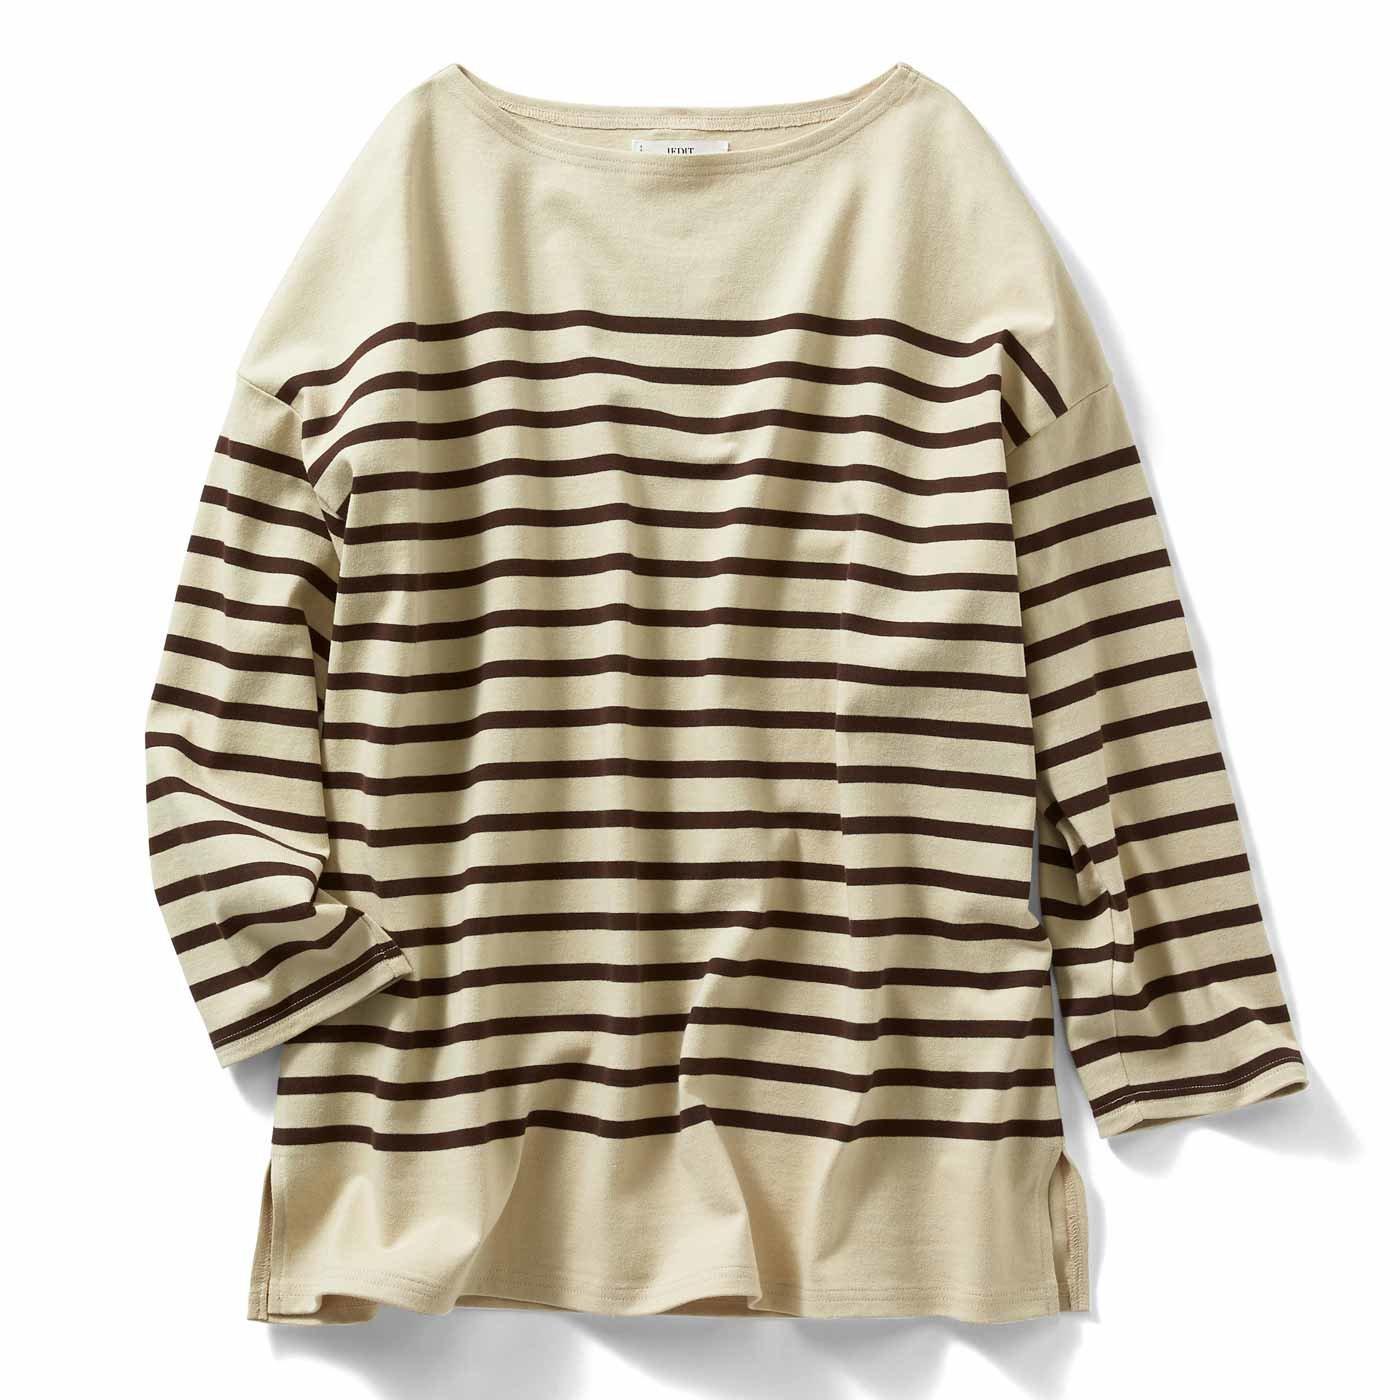 IEDIT[イディット] 小森美穂子さんコラボ こだわりバスク風ボーダーTシャツ〈ブラウン〉